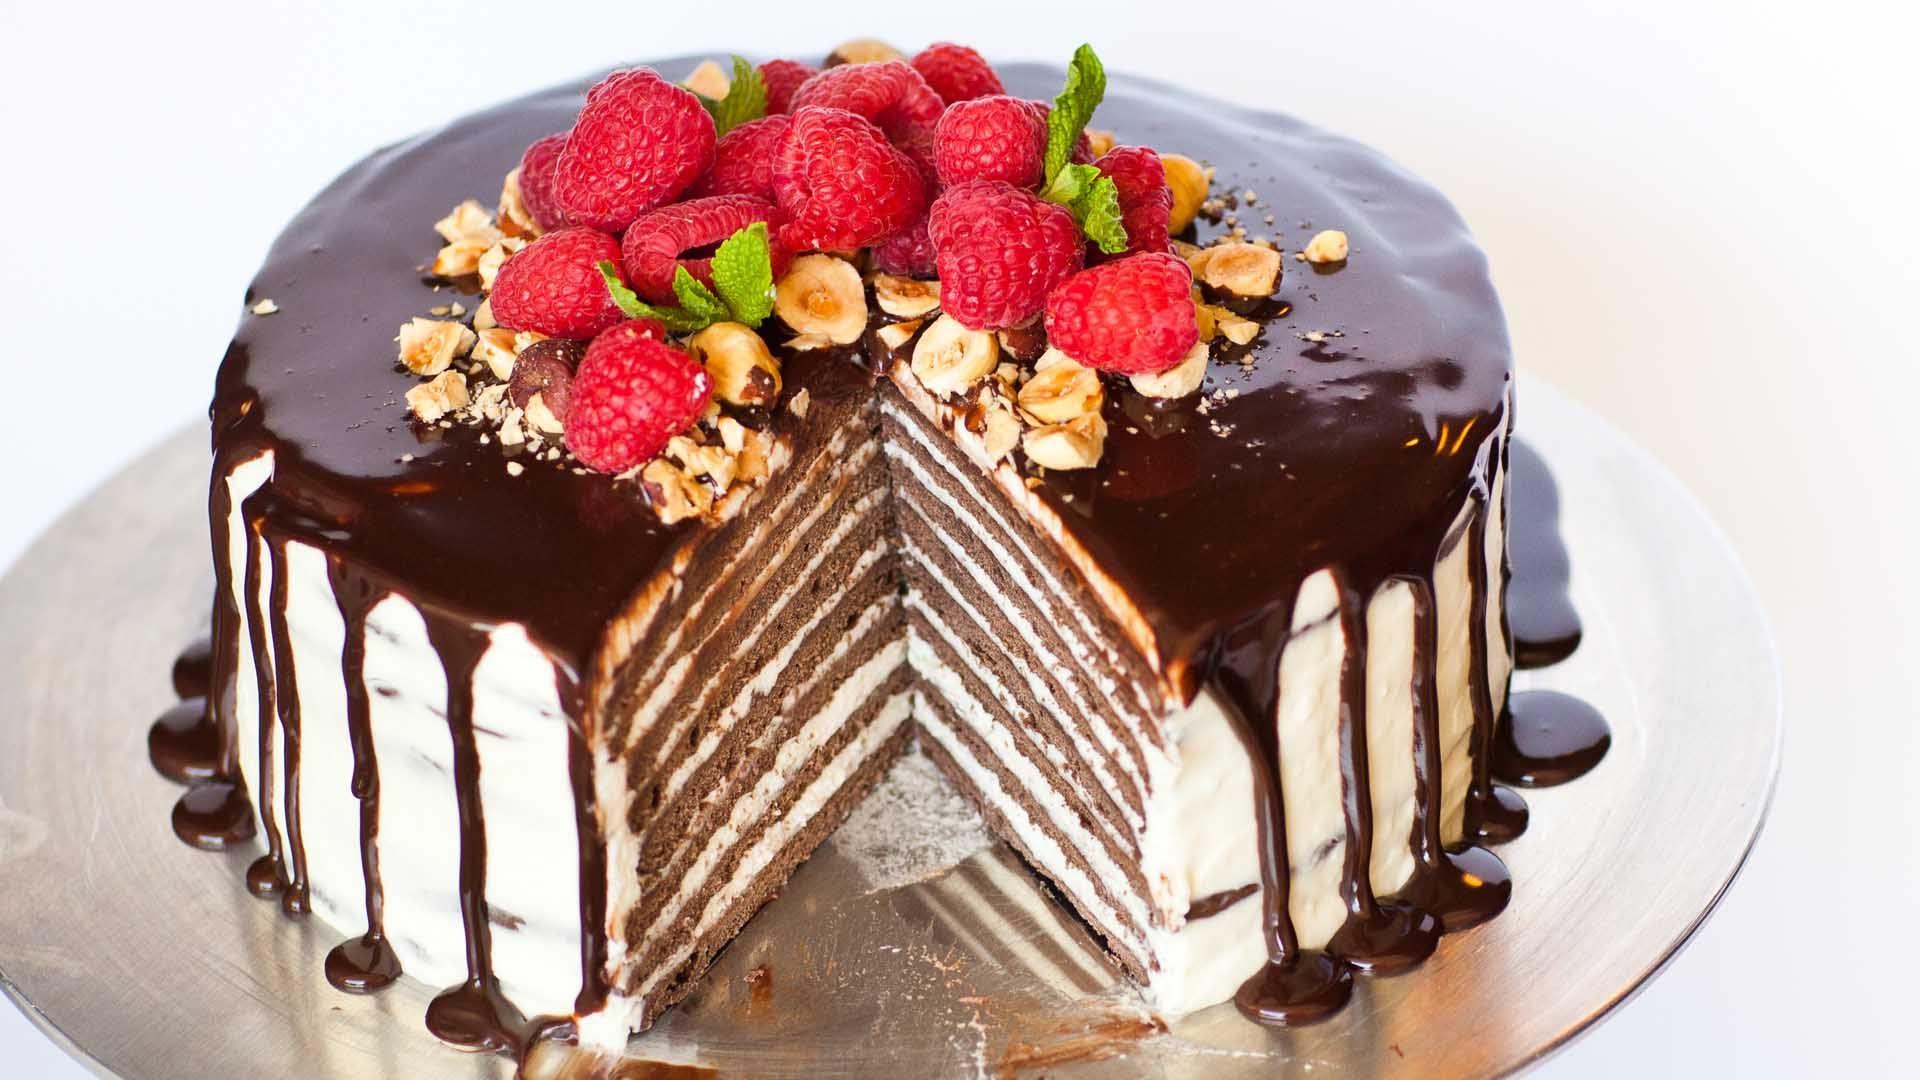 торт на день рождения рецепты с фото думала каким